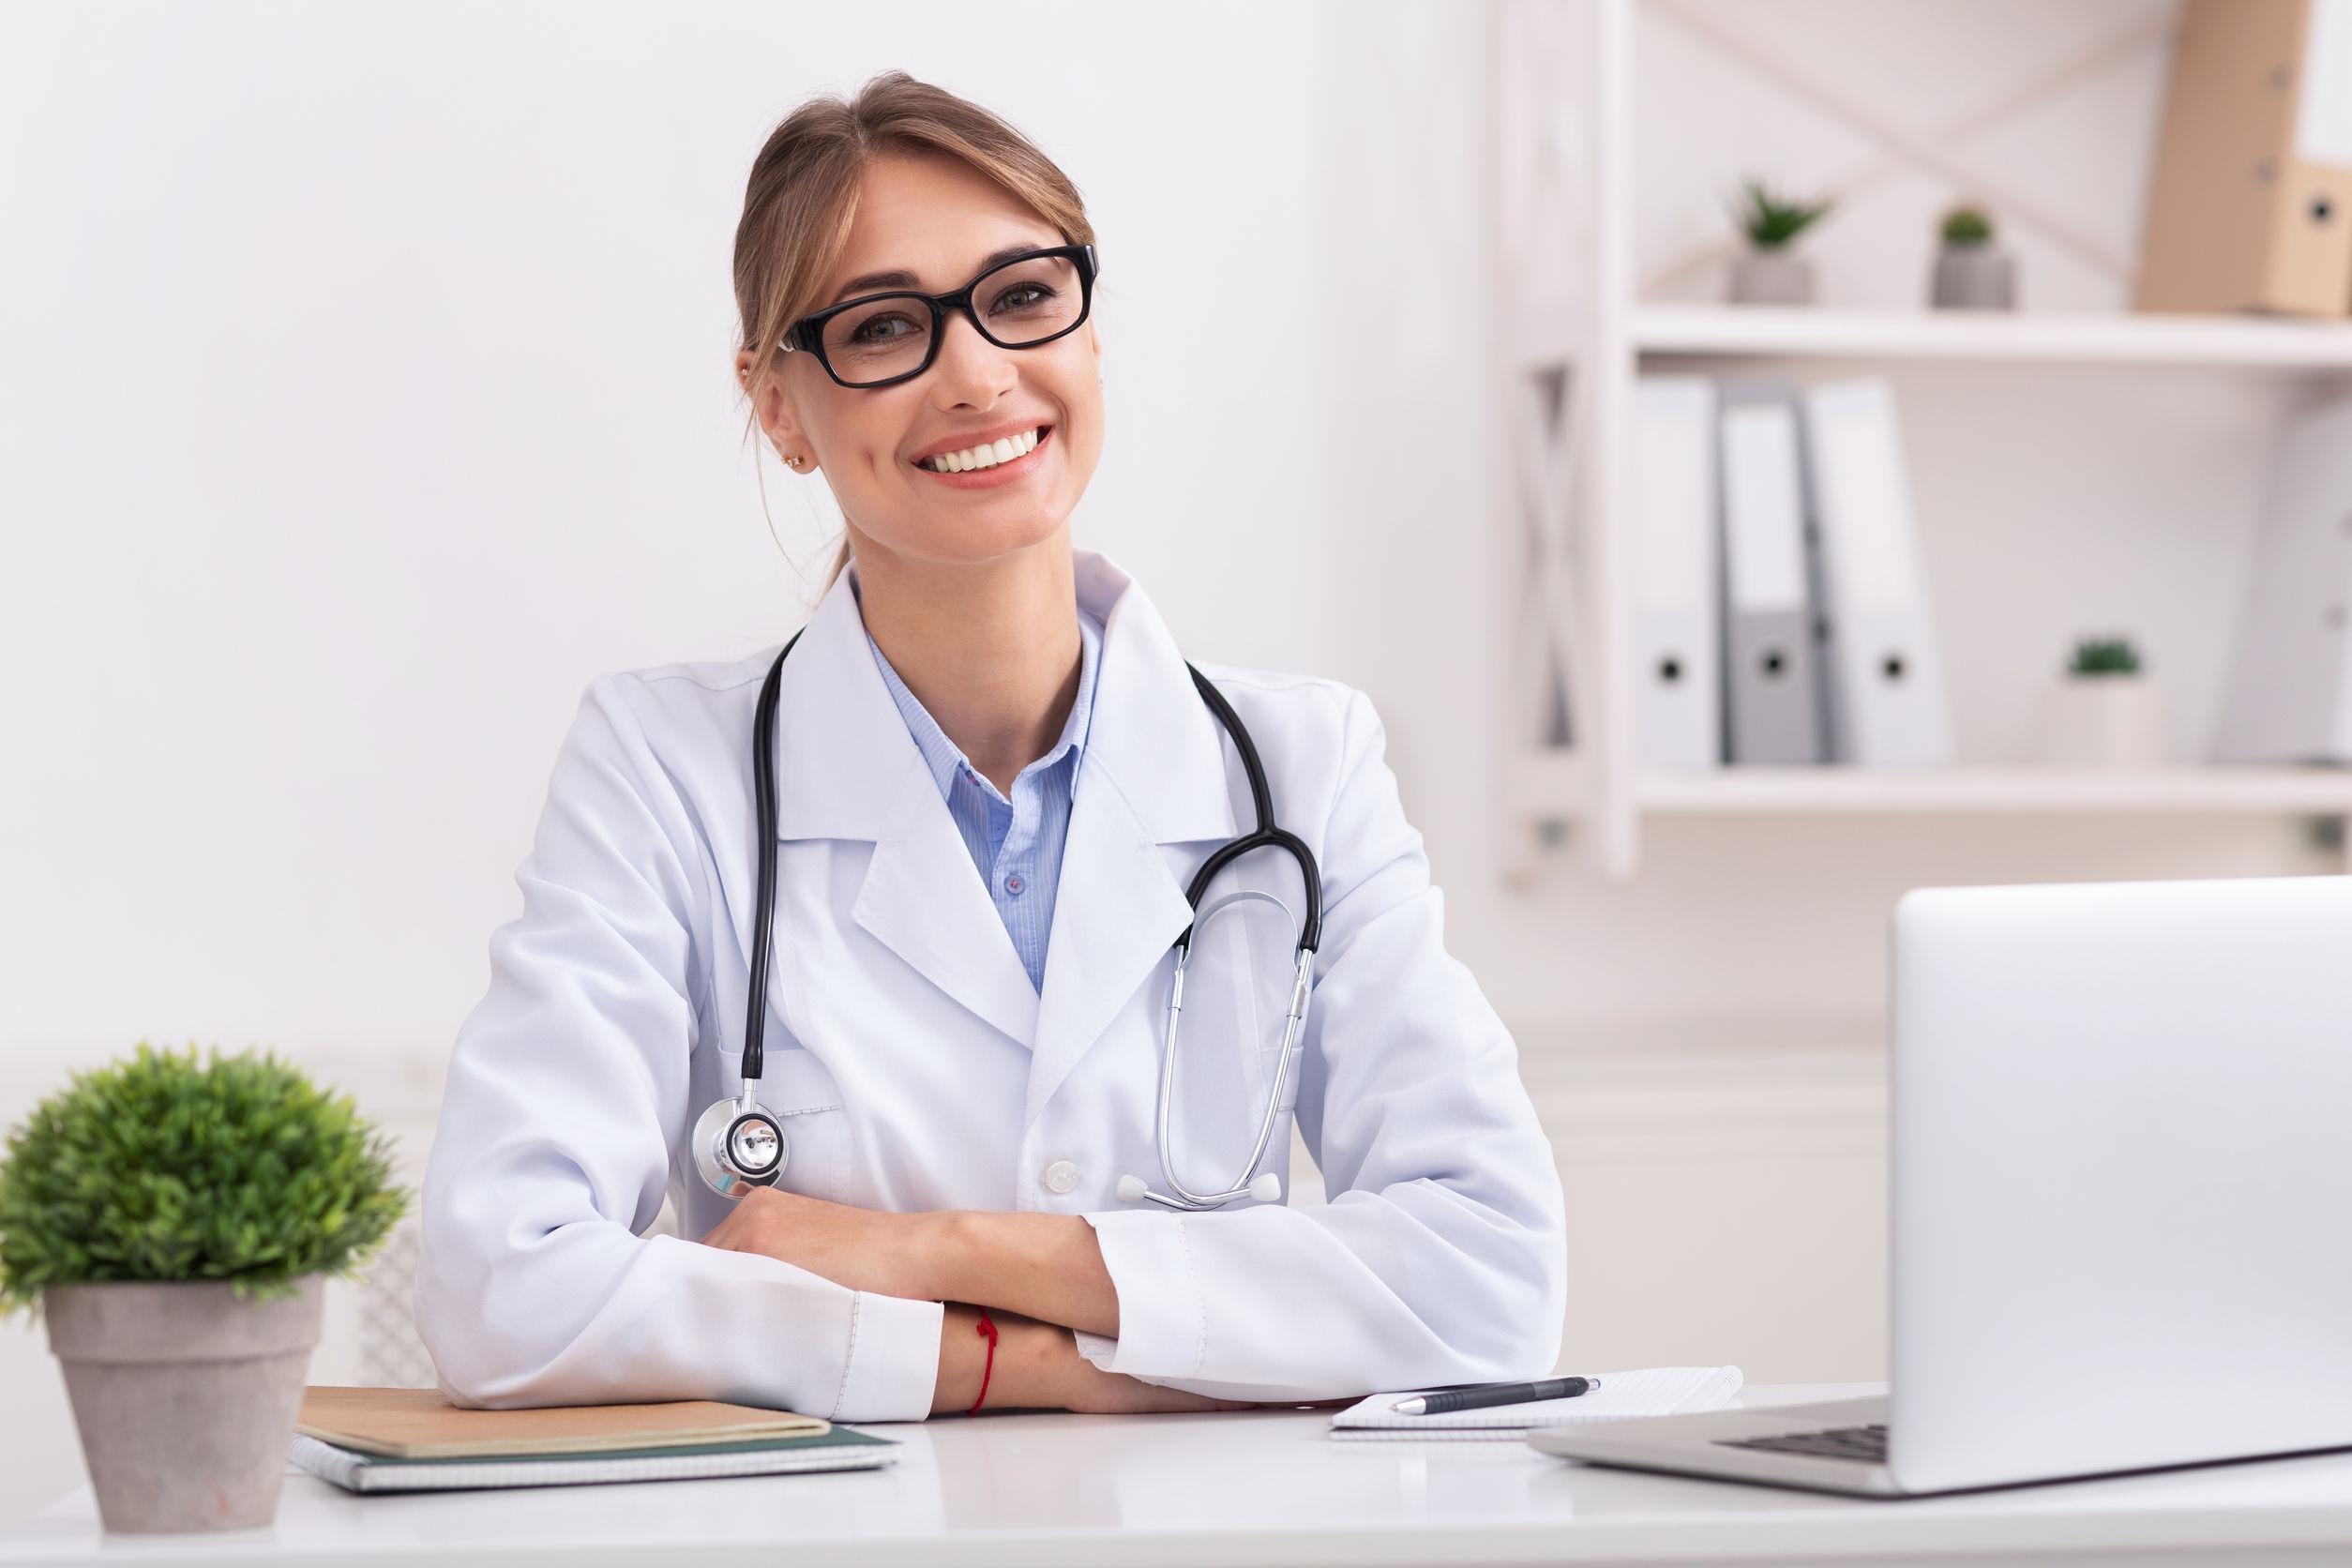 Mujer medico sonriendo